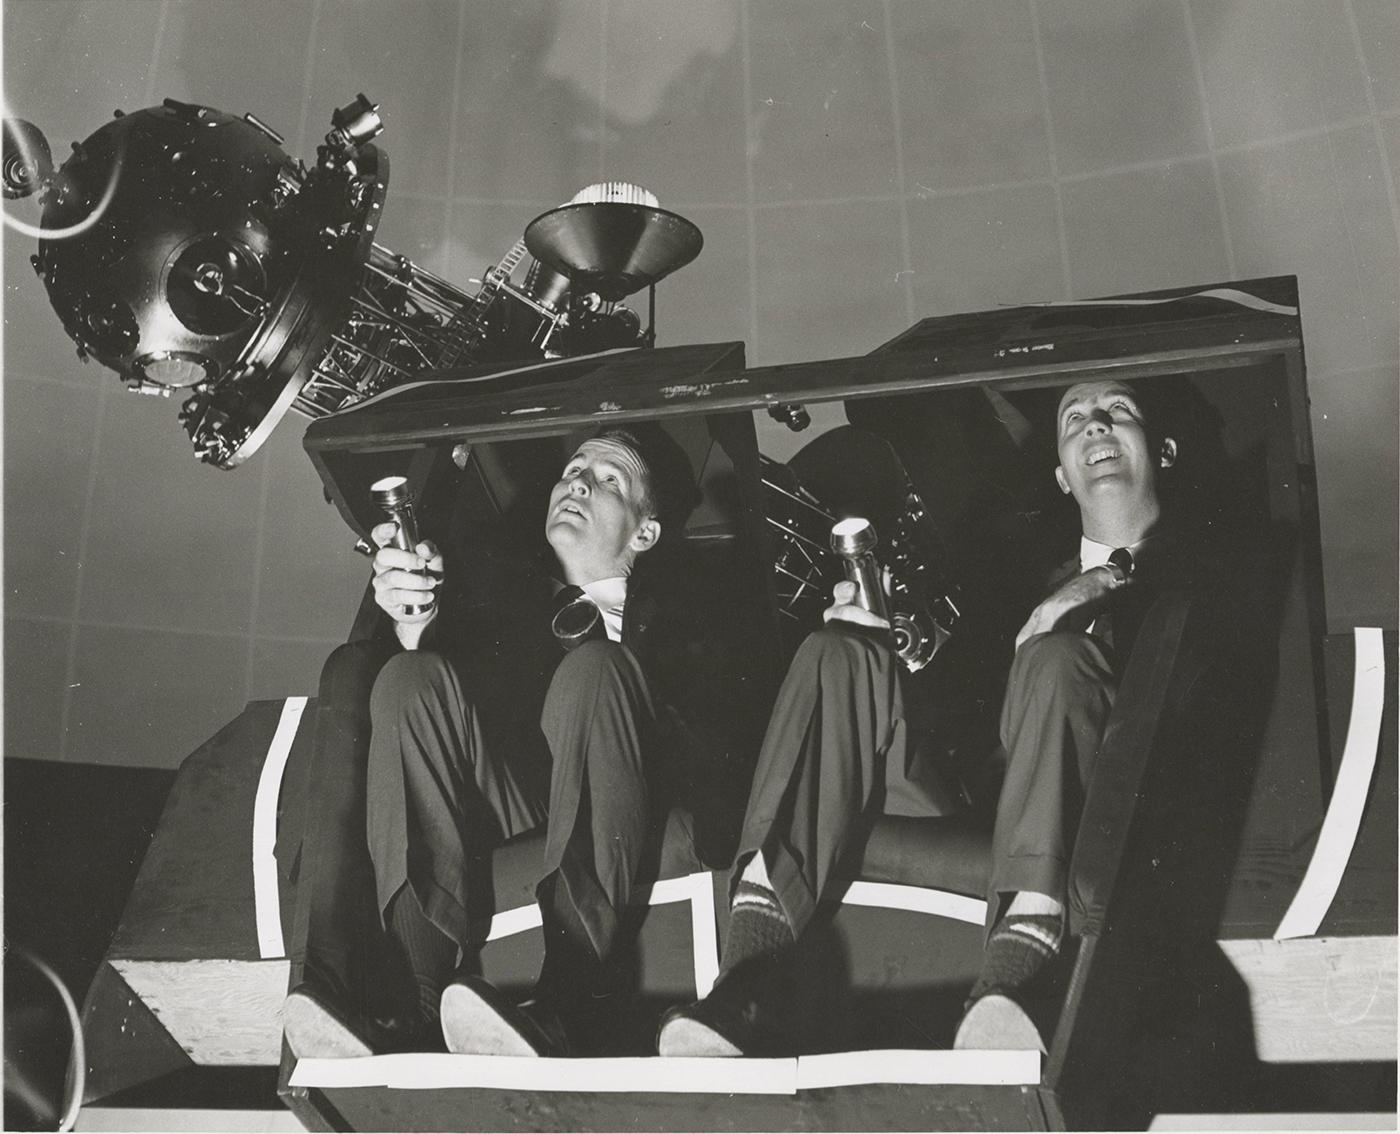 Astronauts train in Morehead Planetarium.